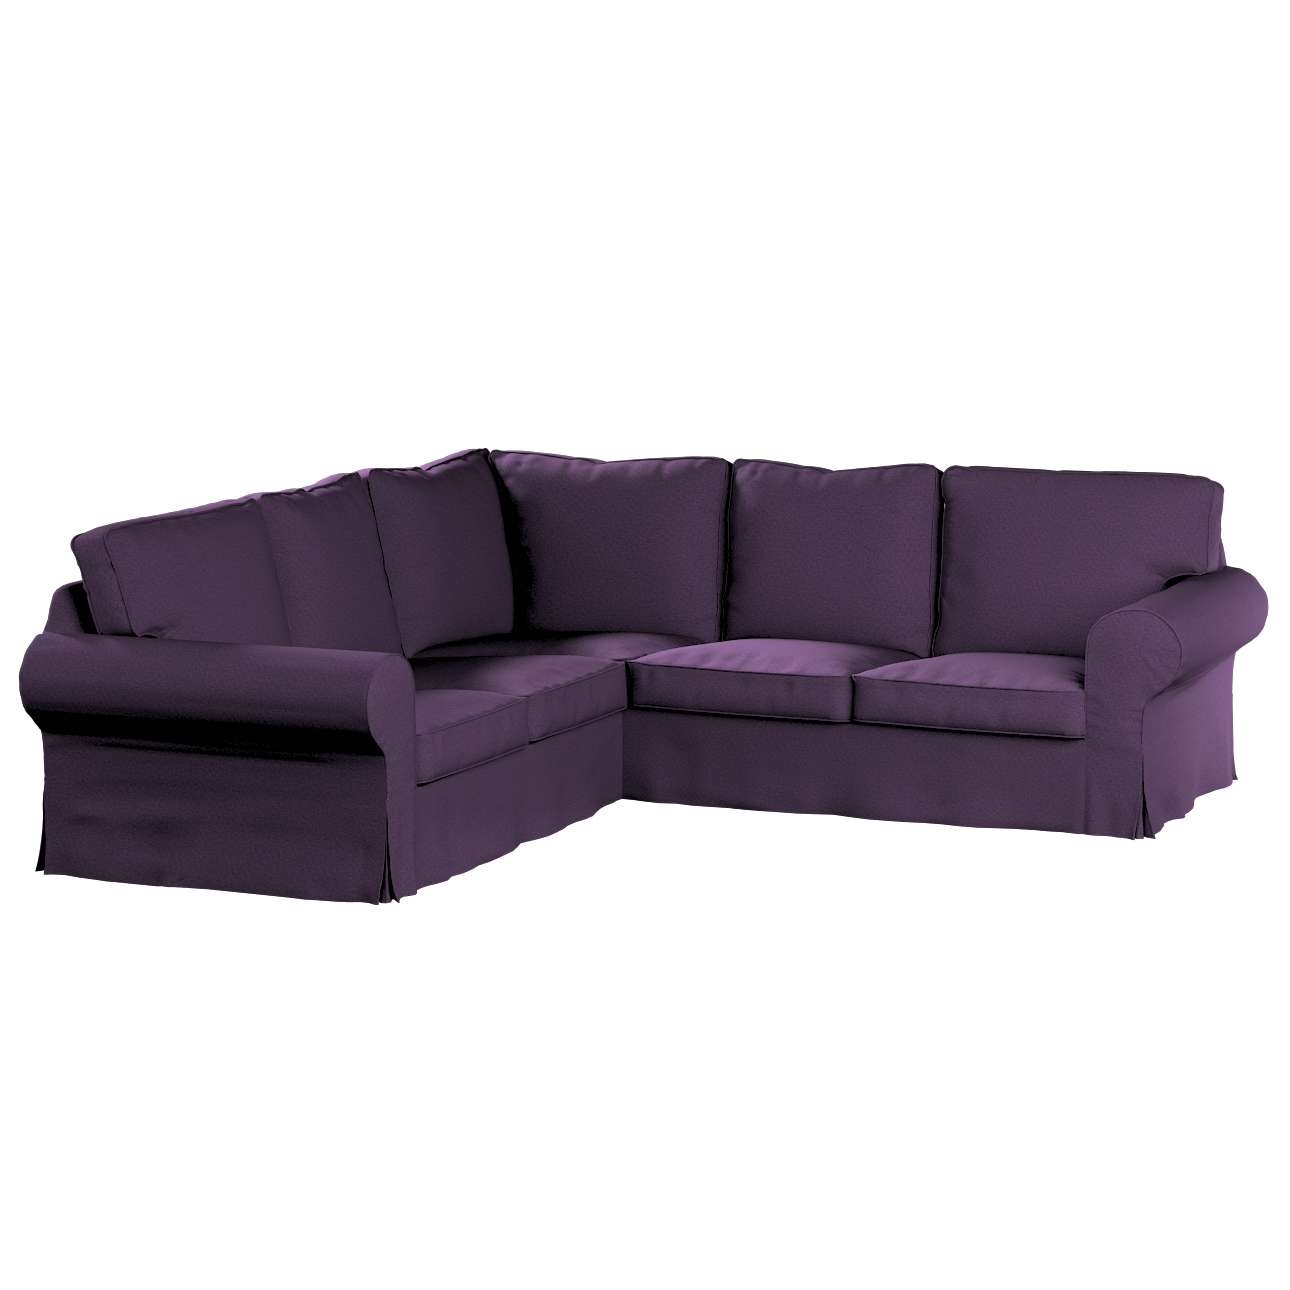 Pokrowiec Ektorp na sofę narożną w kolekcji Etna, tkanina: 161-27